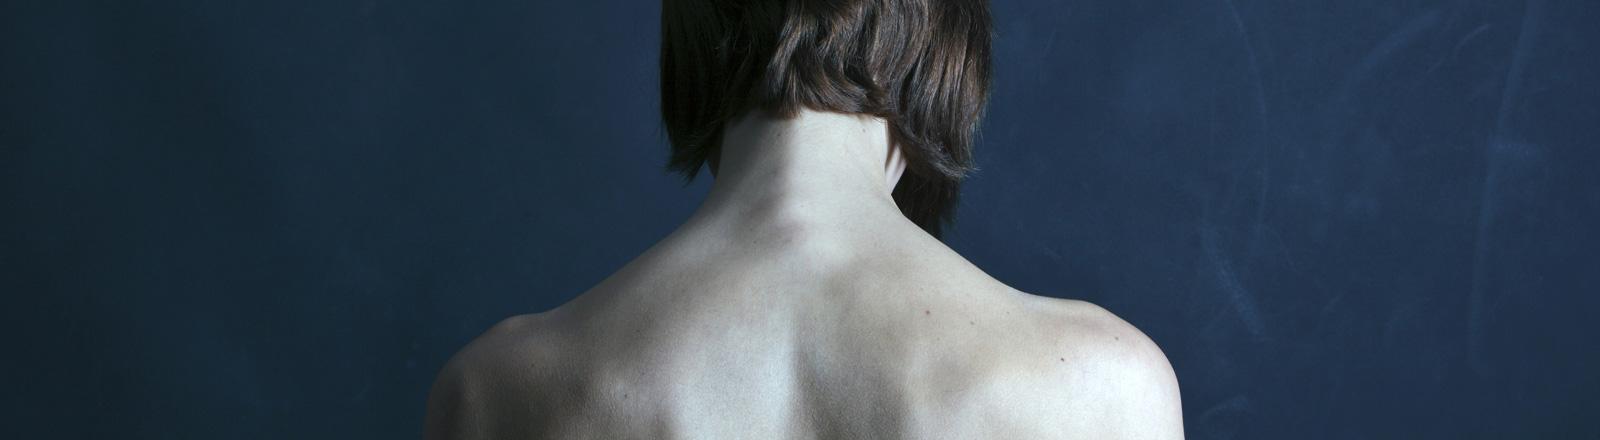 Der Rücken einer Frau mit schulterlangen, braunen Haaren.